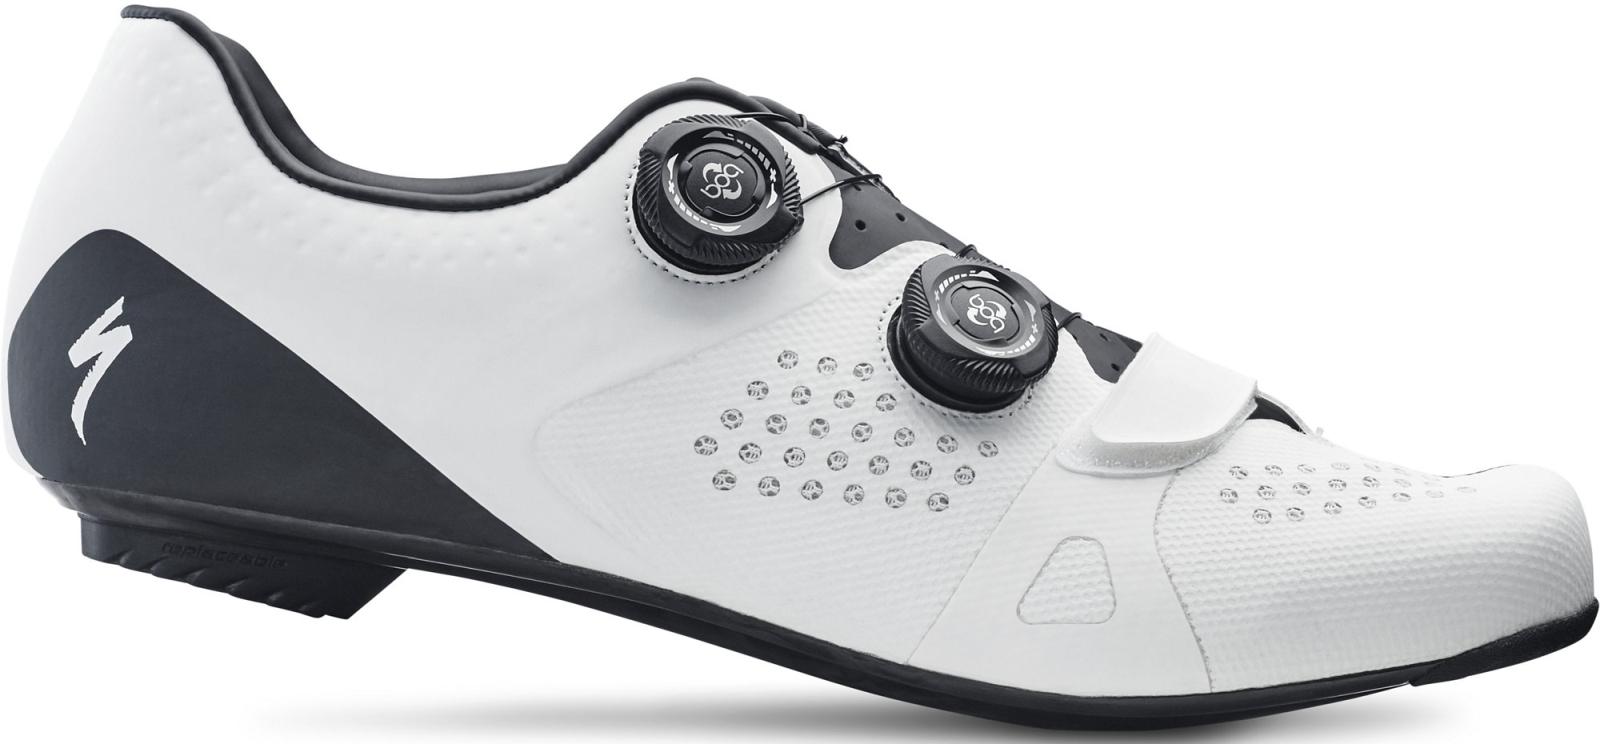 626606e8df Silniční cyklistické tretry Specialized Torch 3.0 - white - Ski a ...